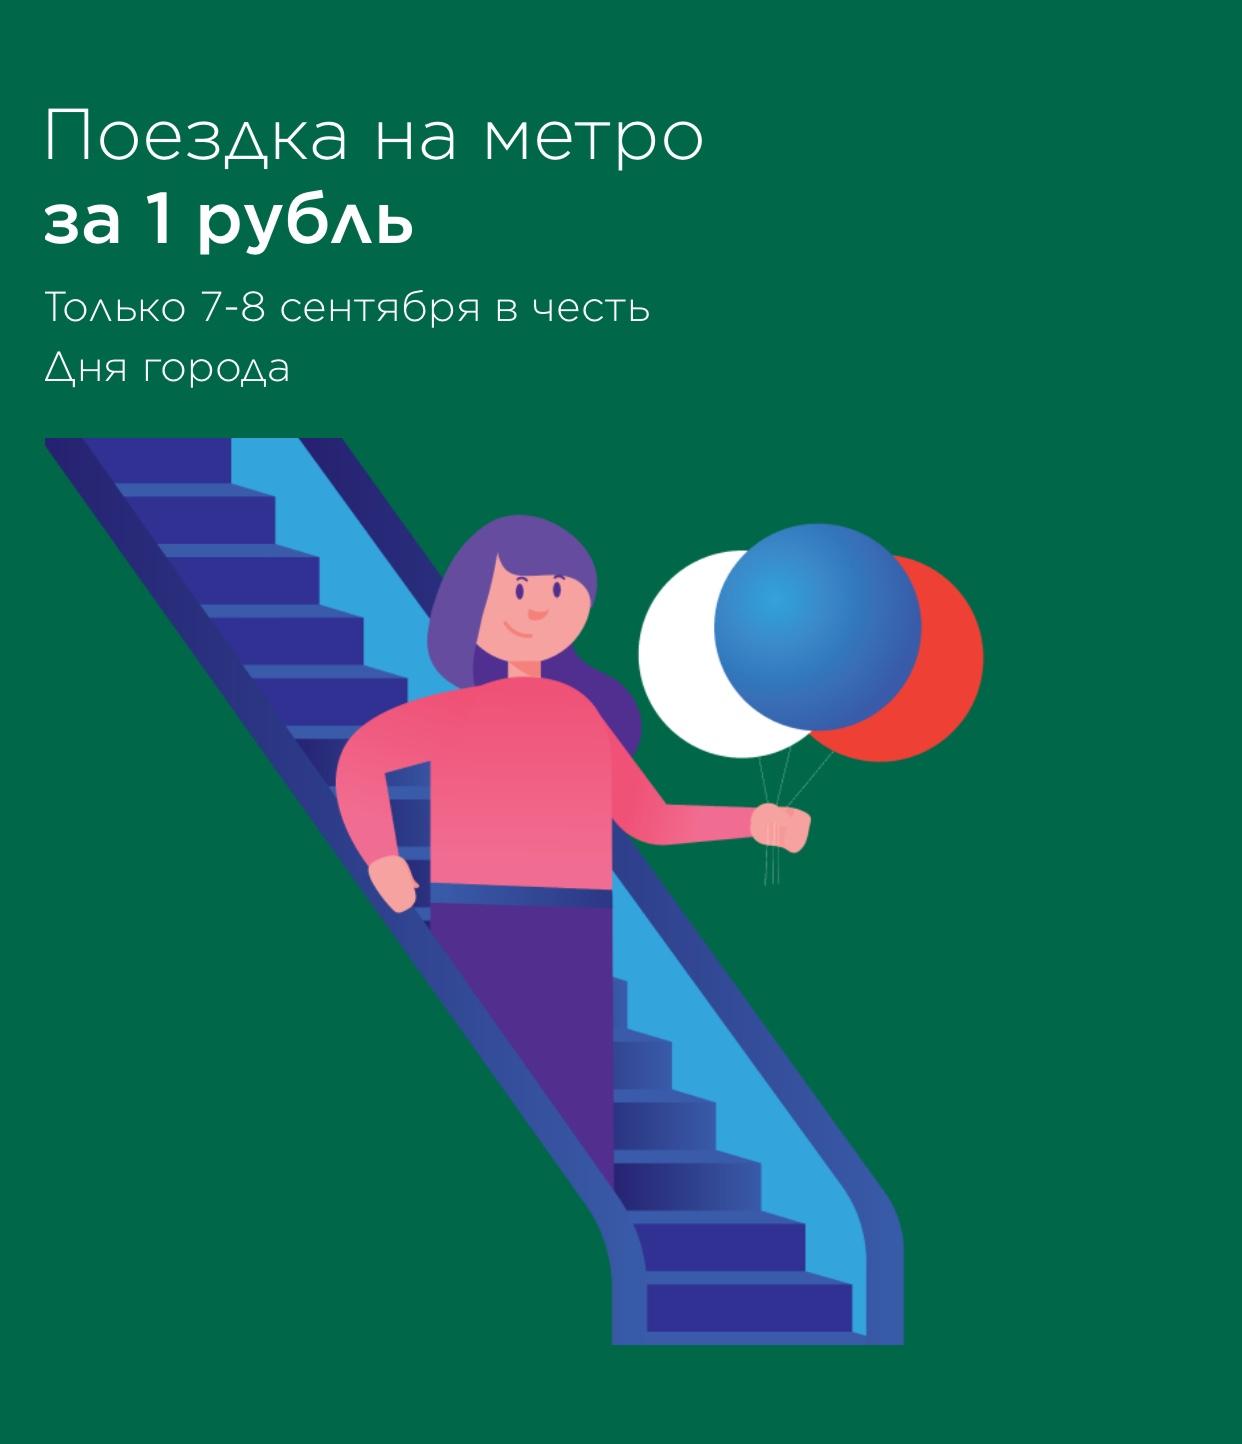 Проезд в метро Москвы за 1 рубль только 2 дня